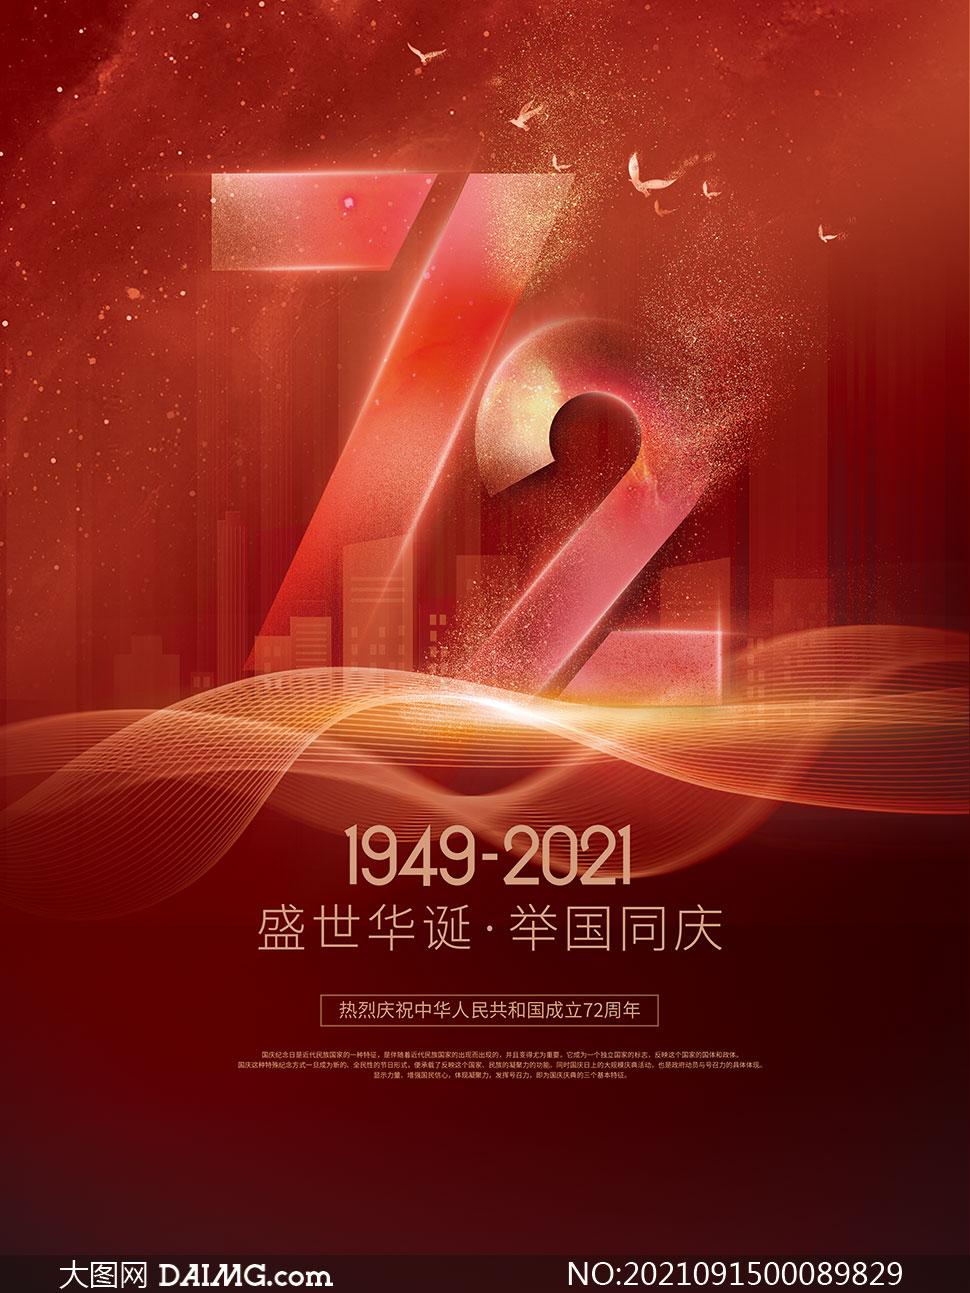 盛世华诞建国72周年海报设计PSD素材